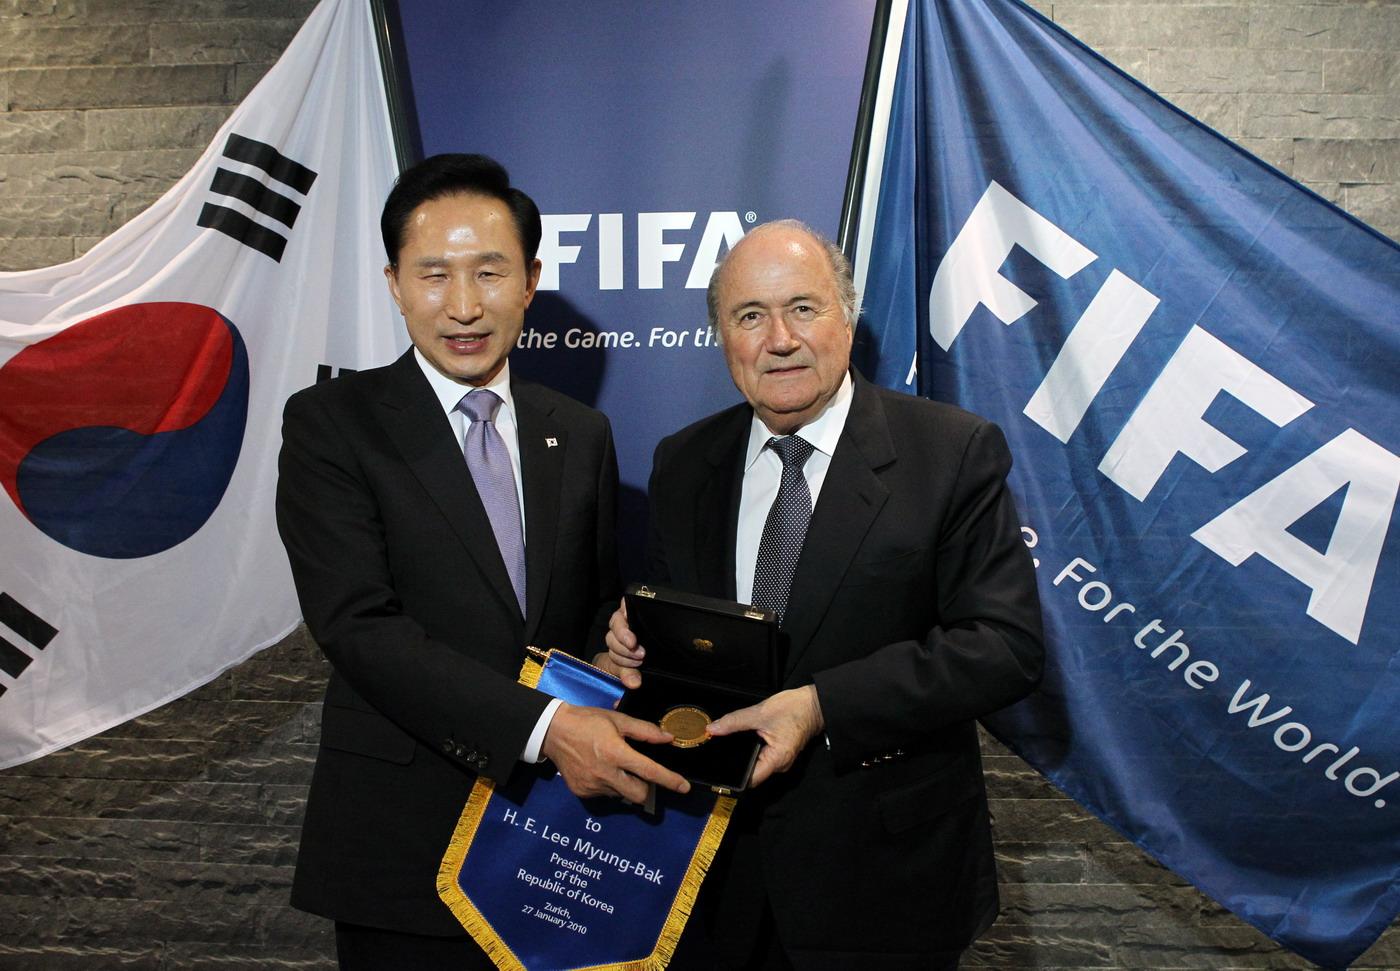 El presidente de la FIFA, Sepp Blatter, fotografió al ex presidente surcoreano I Mjongbak en 2010 (derecha) de 1998 a 2015.  Blatter renunció en 2015 después de que estallara el escándalo de la FIFA.